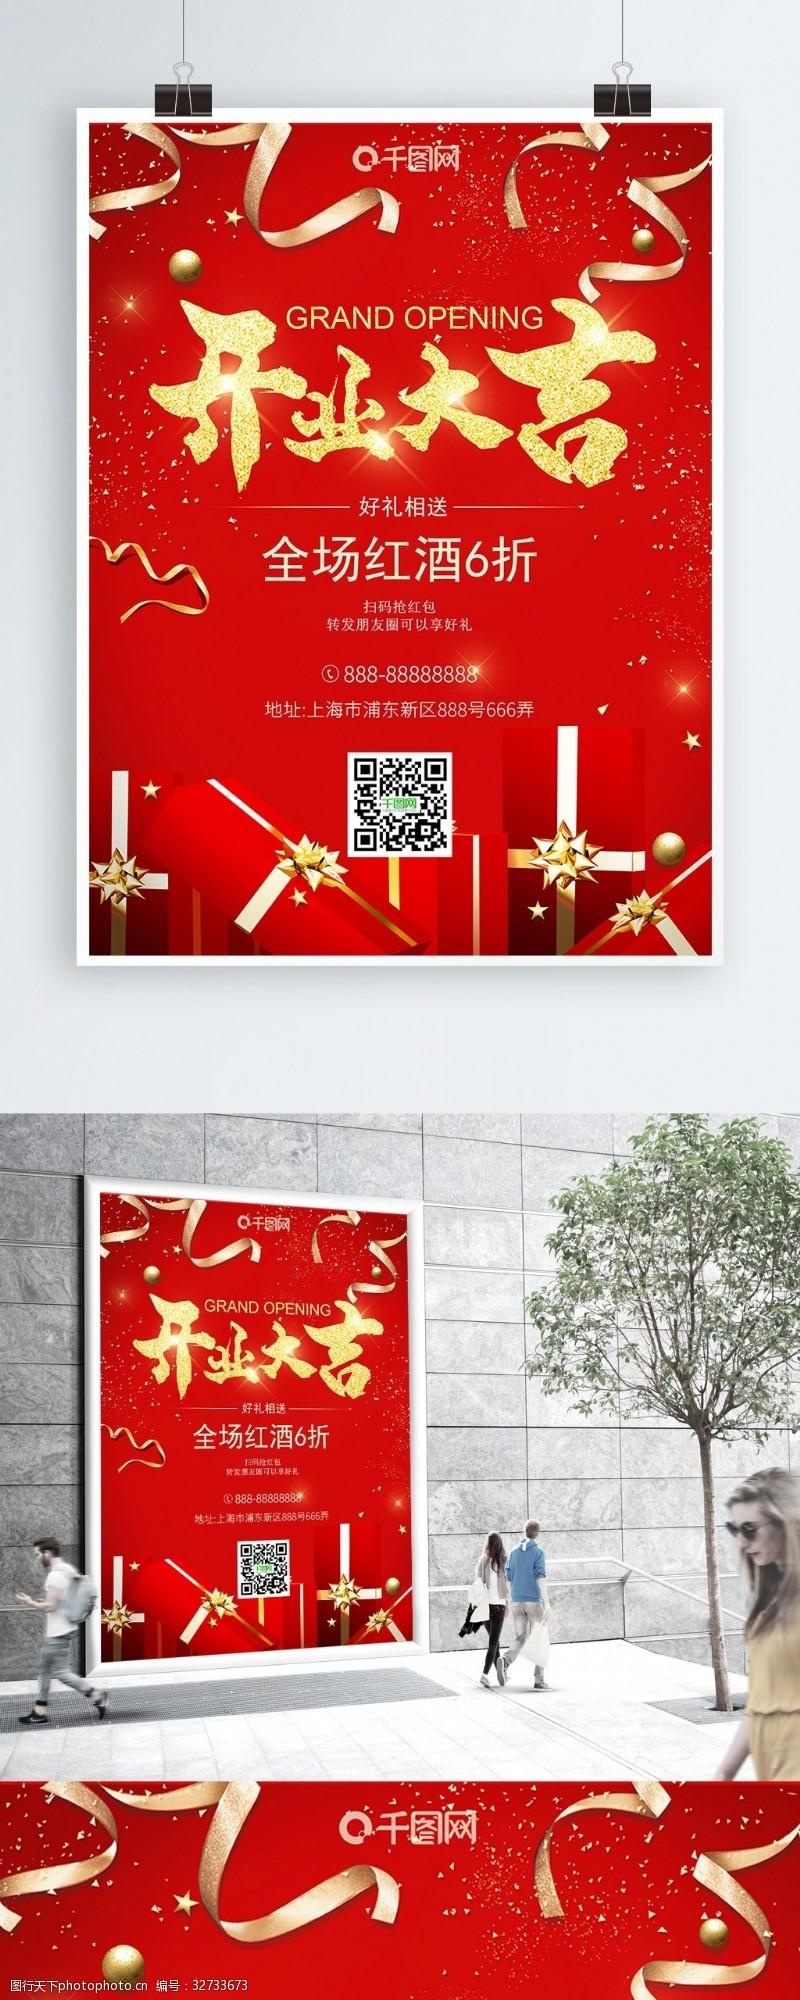 开张海报红色喜庆开业海报文字可编辑